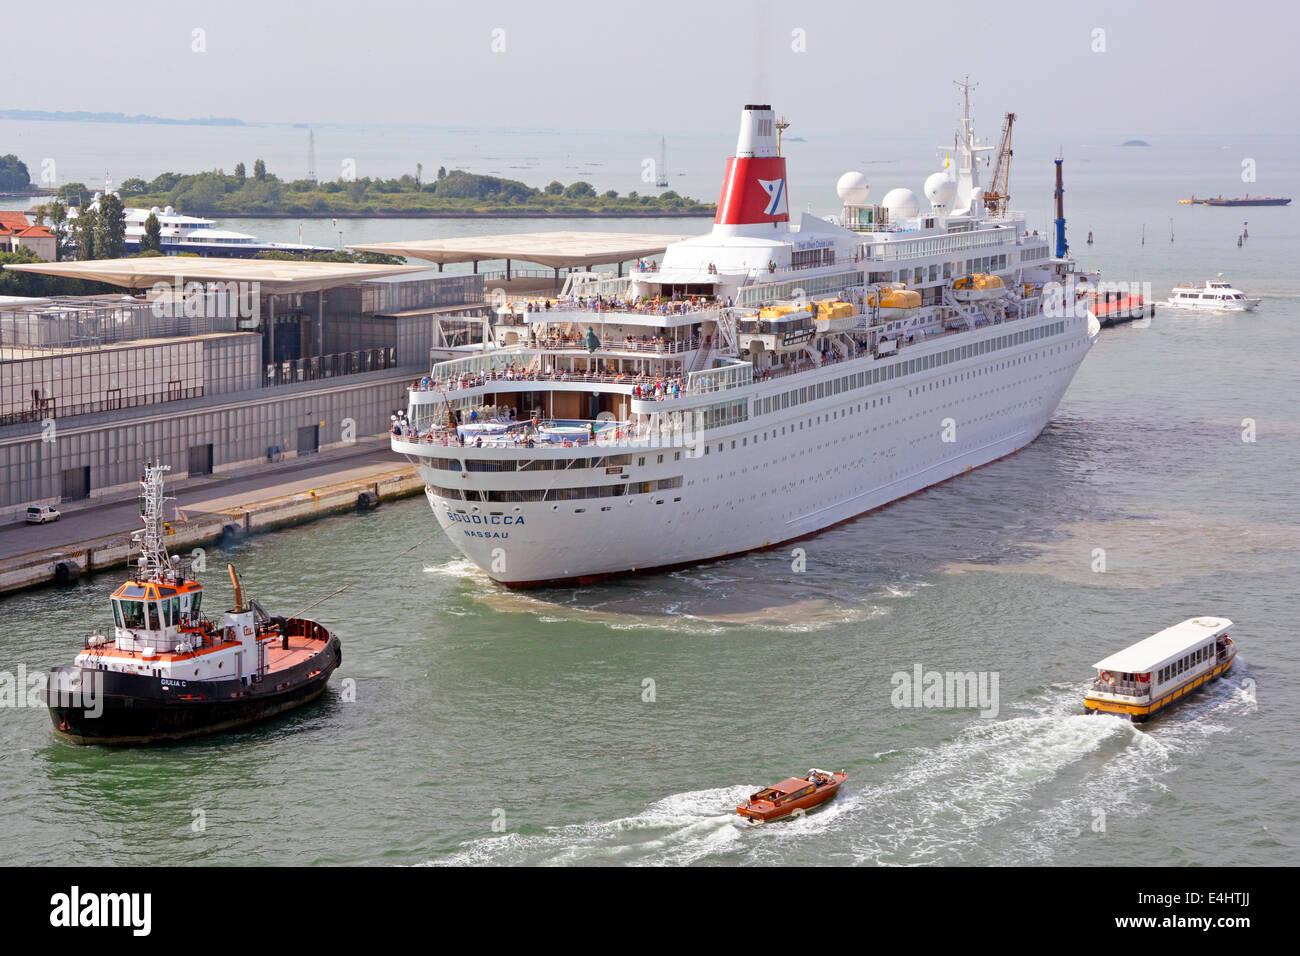 Les passagers sur le pont du bateau de croisière Fred Olsen Lines Boudica sont remorqués vers l'arrière par remorqueur Banque D'Images